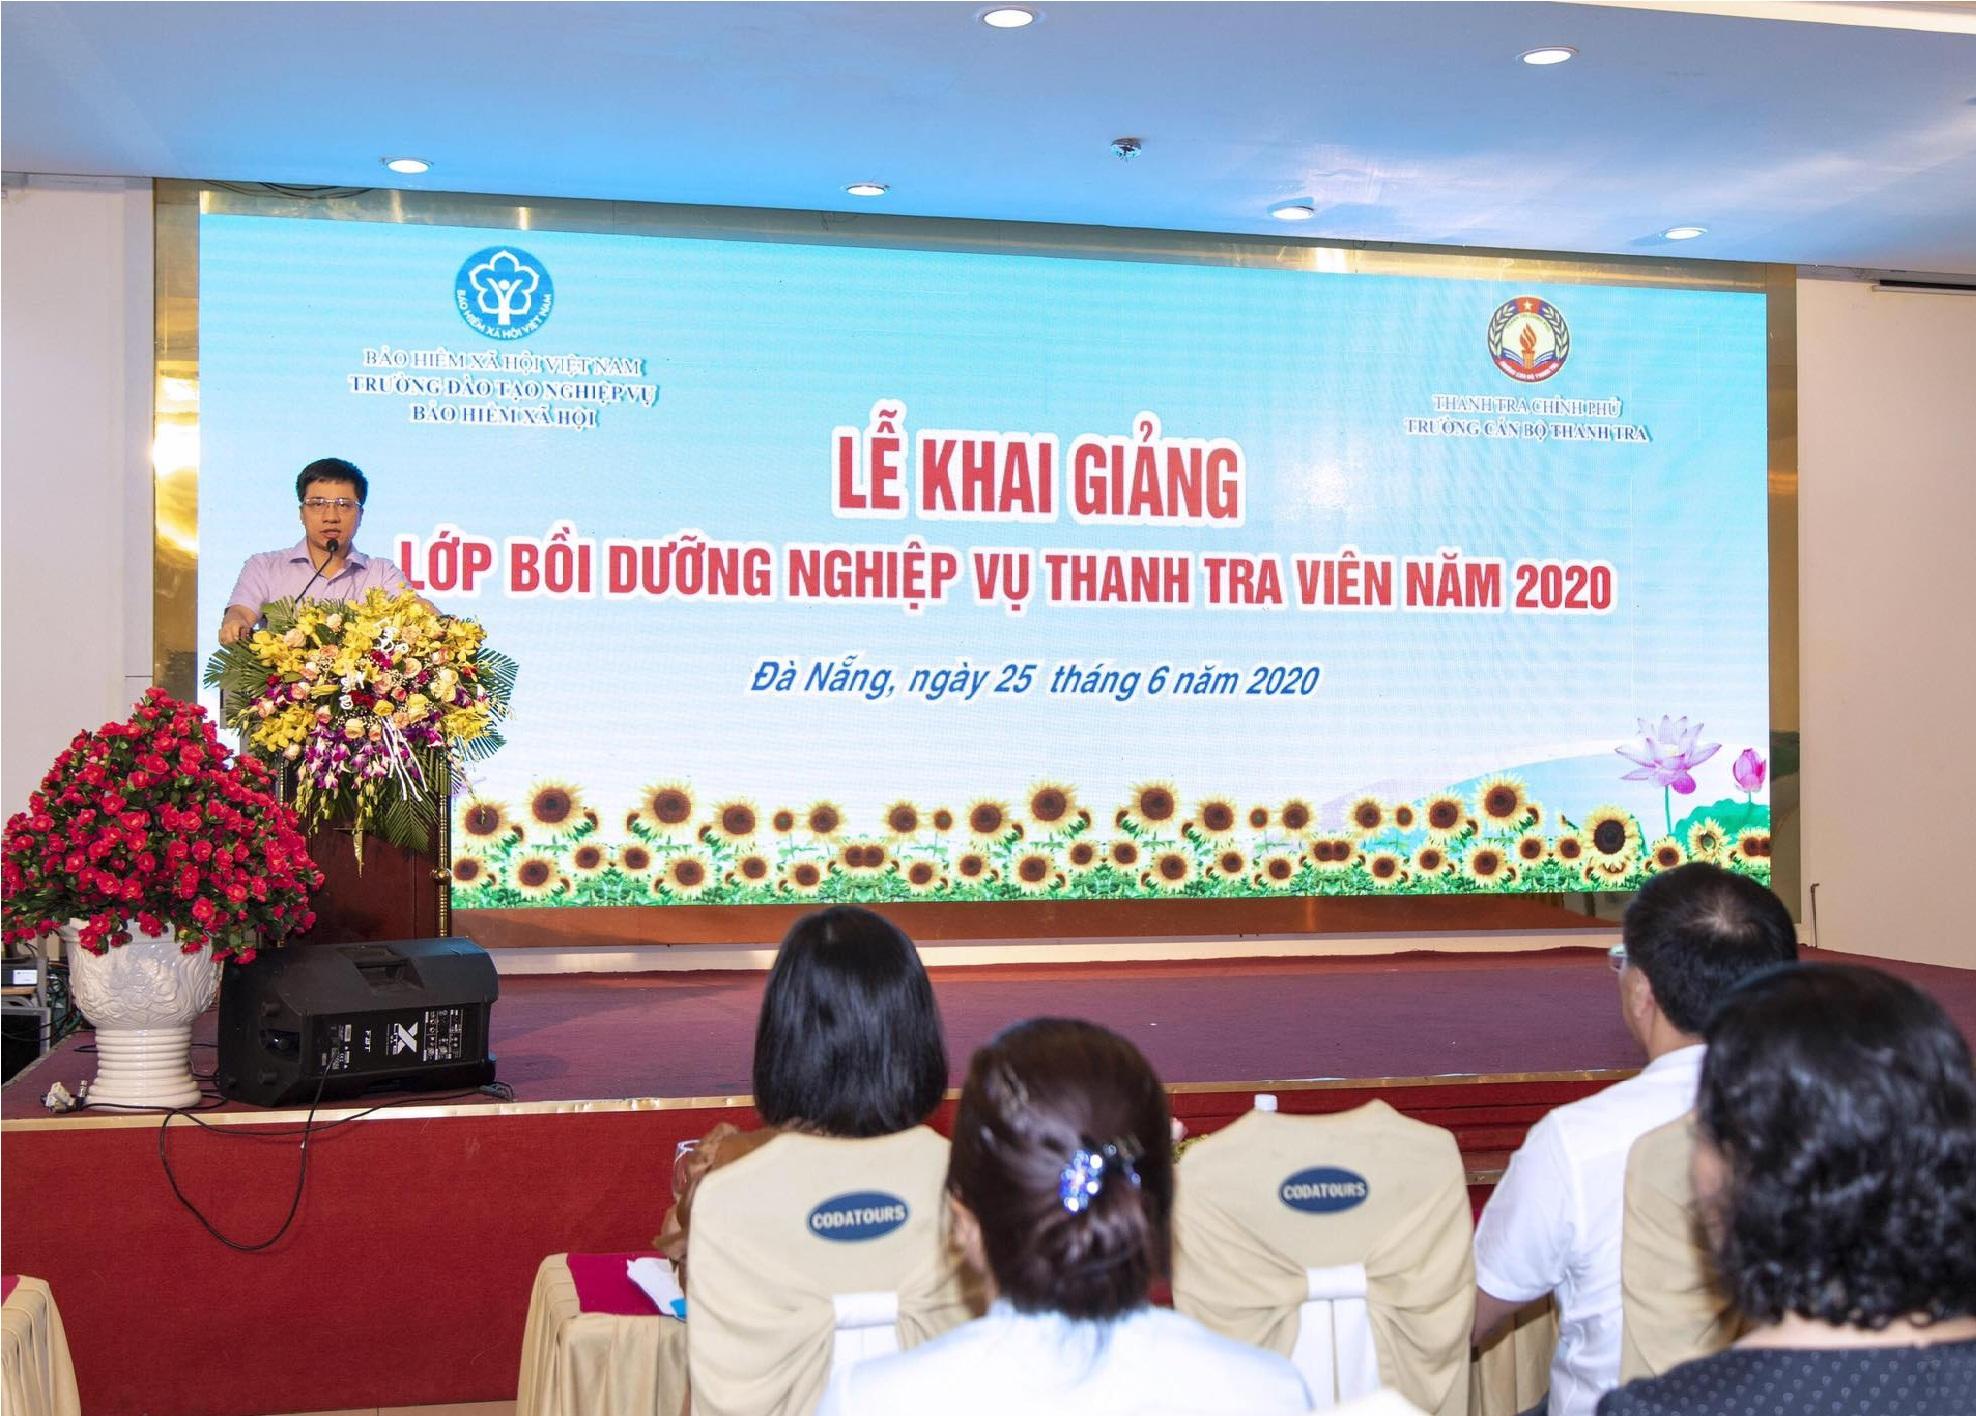 TS Trịnh Văn Toàn Phó Hiệu trưởng Trường Cán bộ Thanh tra phát biểu khai giảng khóa học